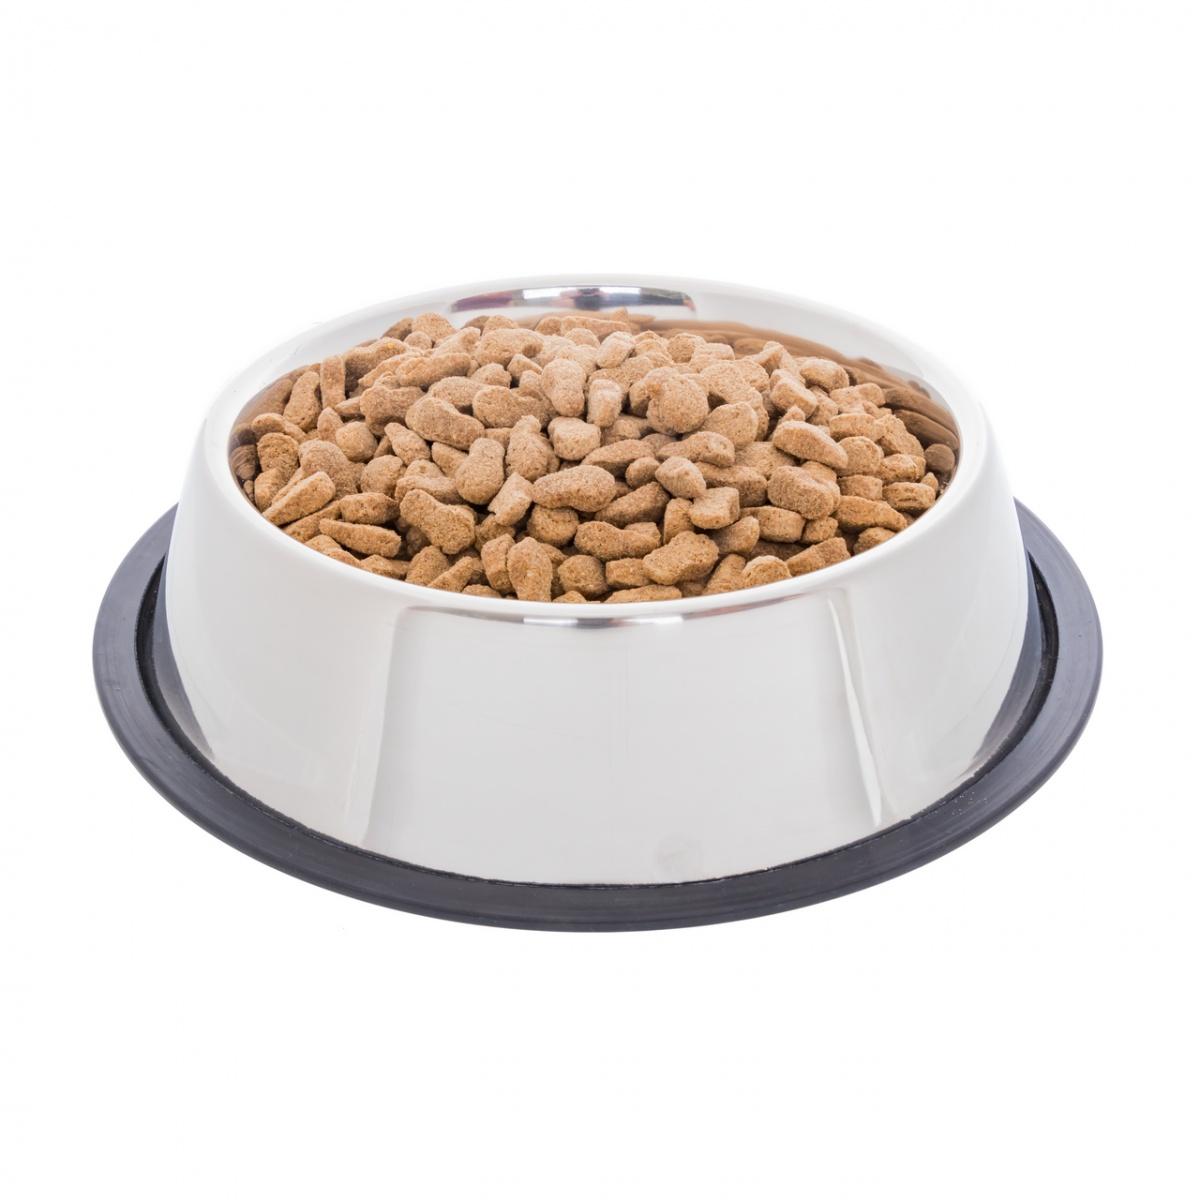 Inox etetőtál kutyáknak, Ø23 cm, 1800 ml